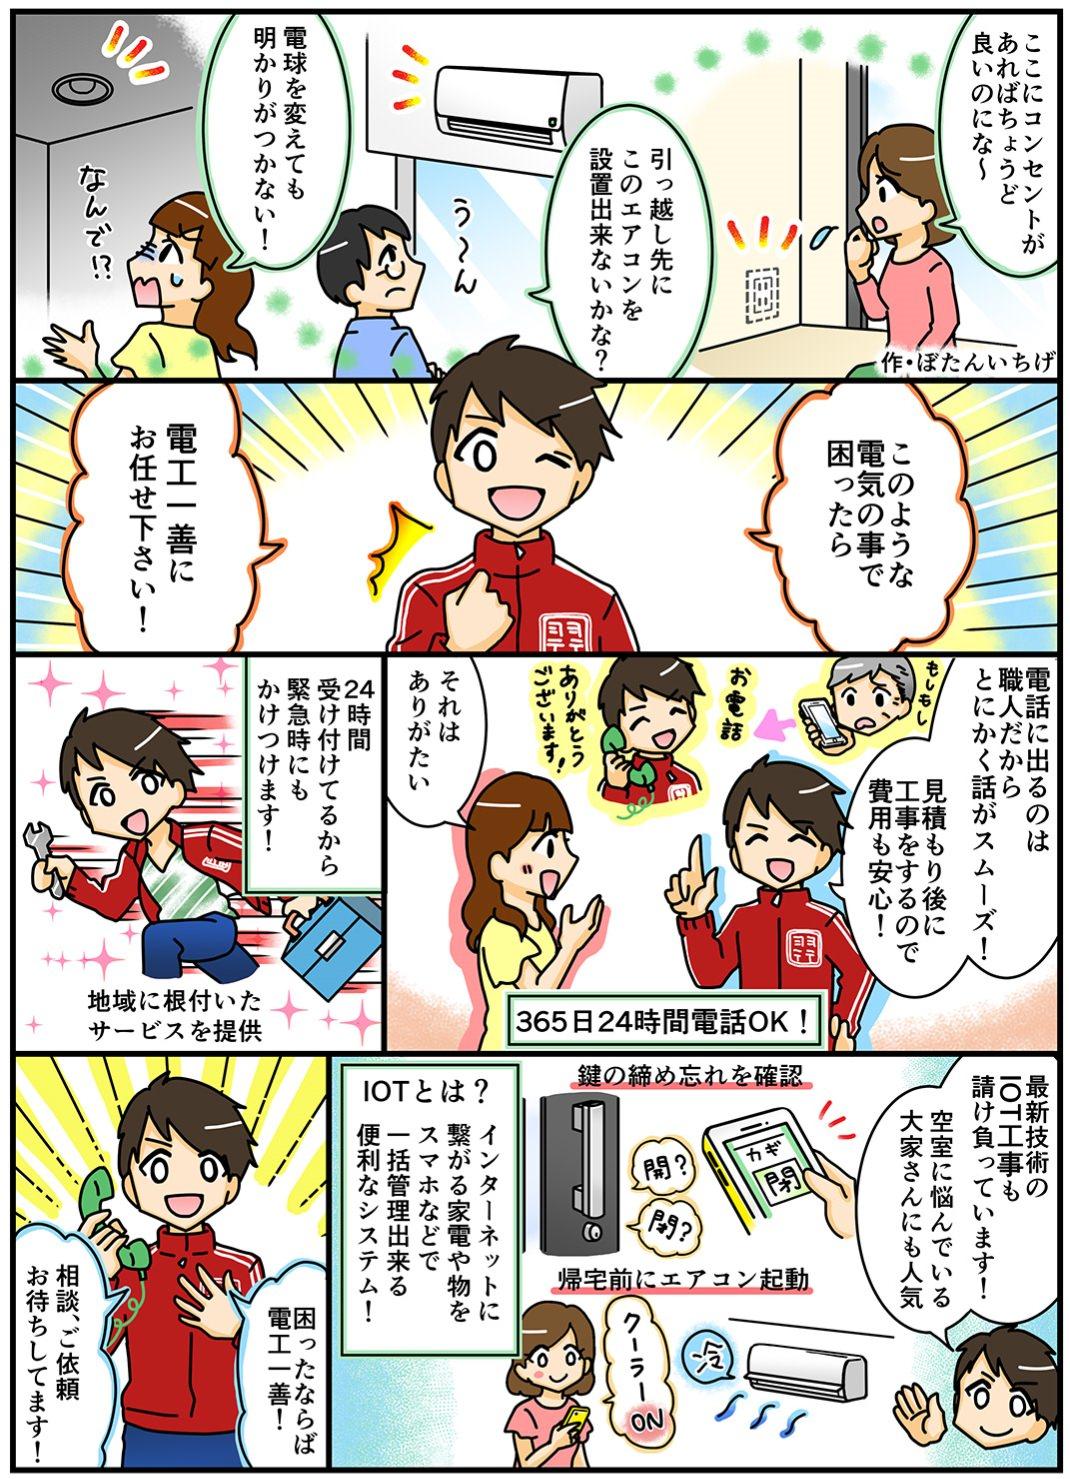 電気工事 web漫画